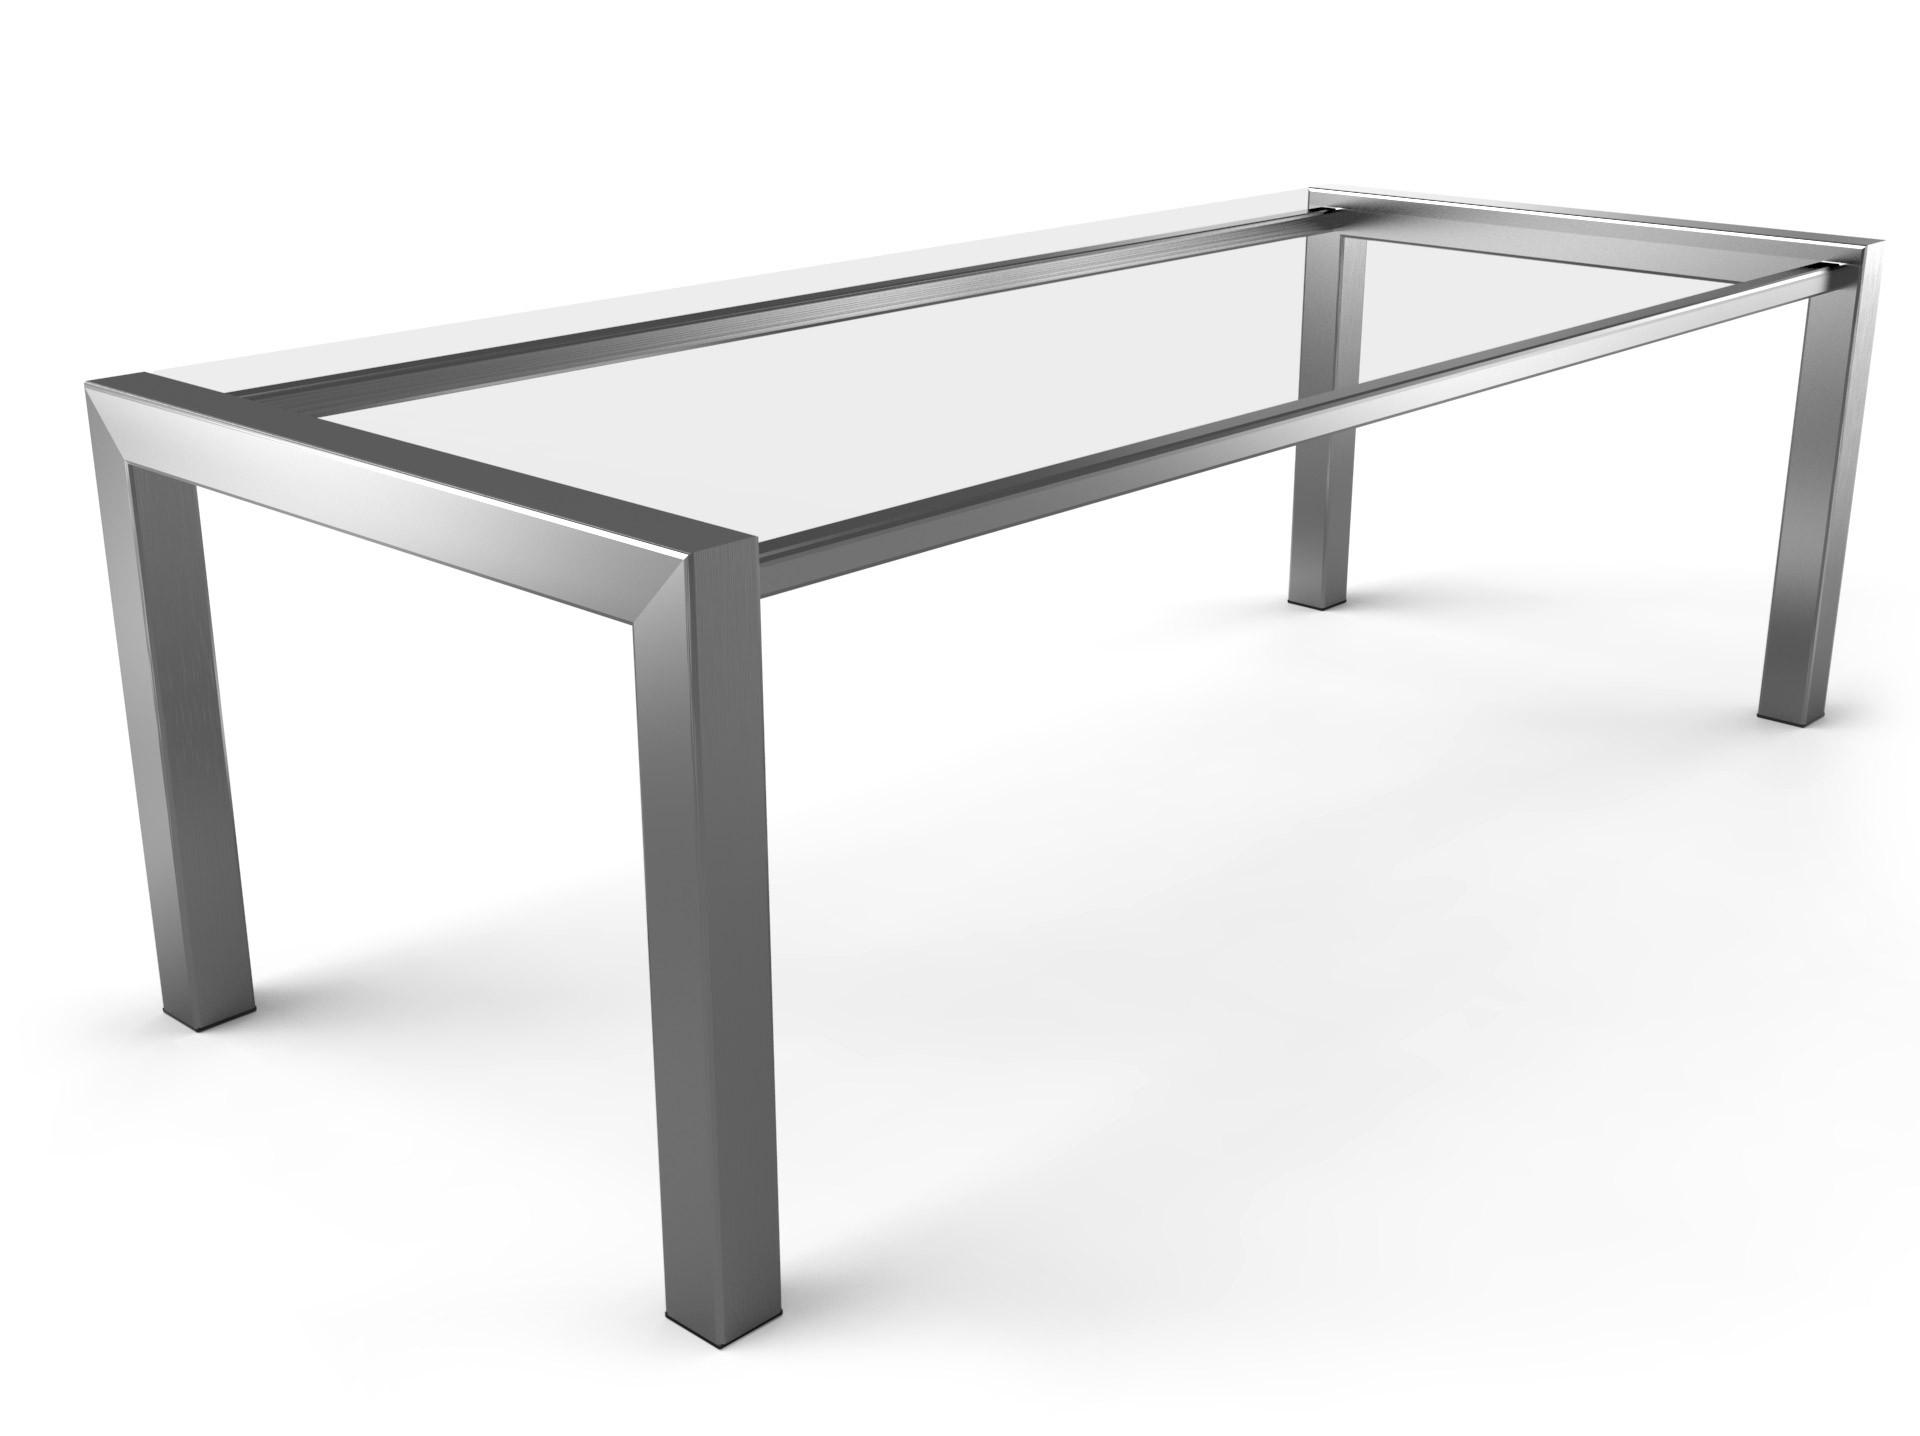 Tafelonderstel Zijliggers RVS 2200x1000mm